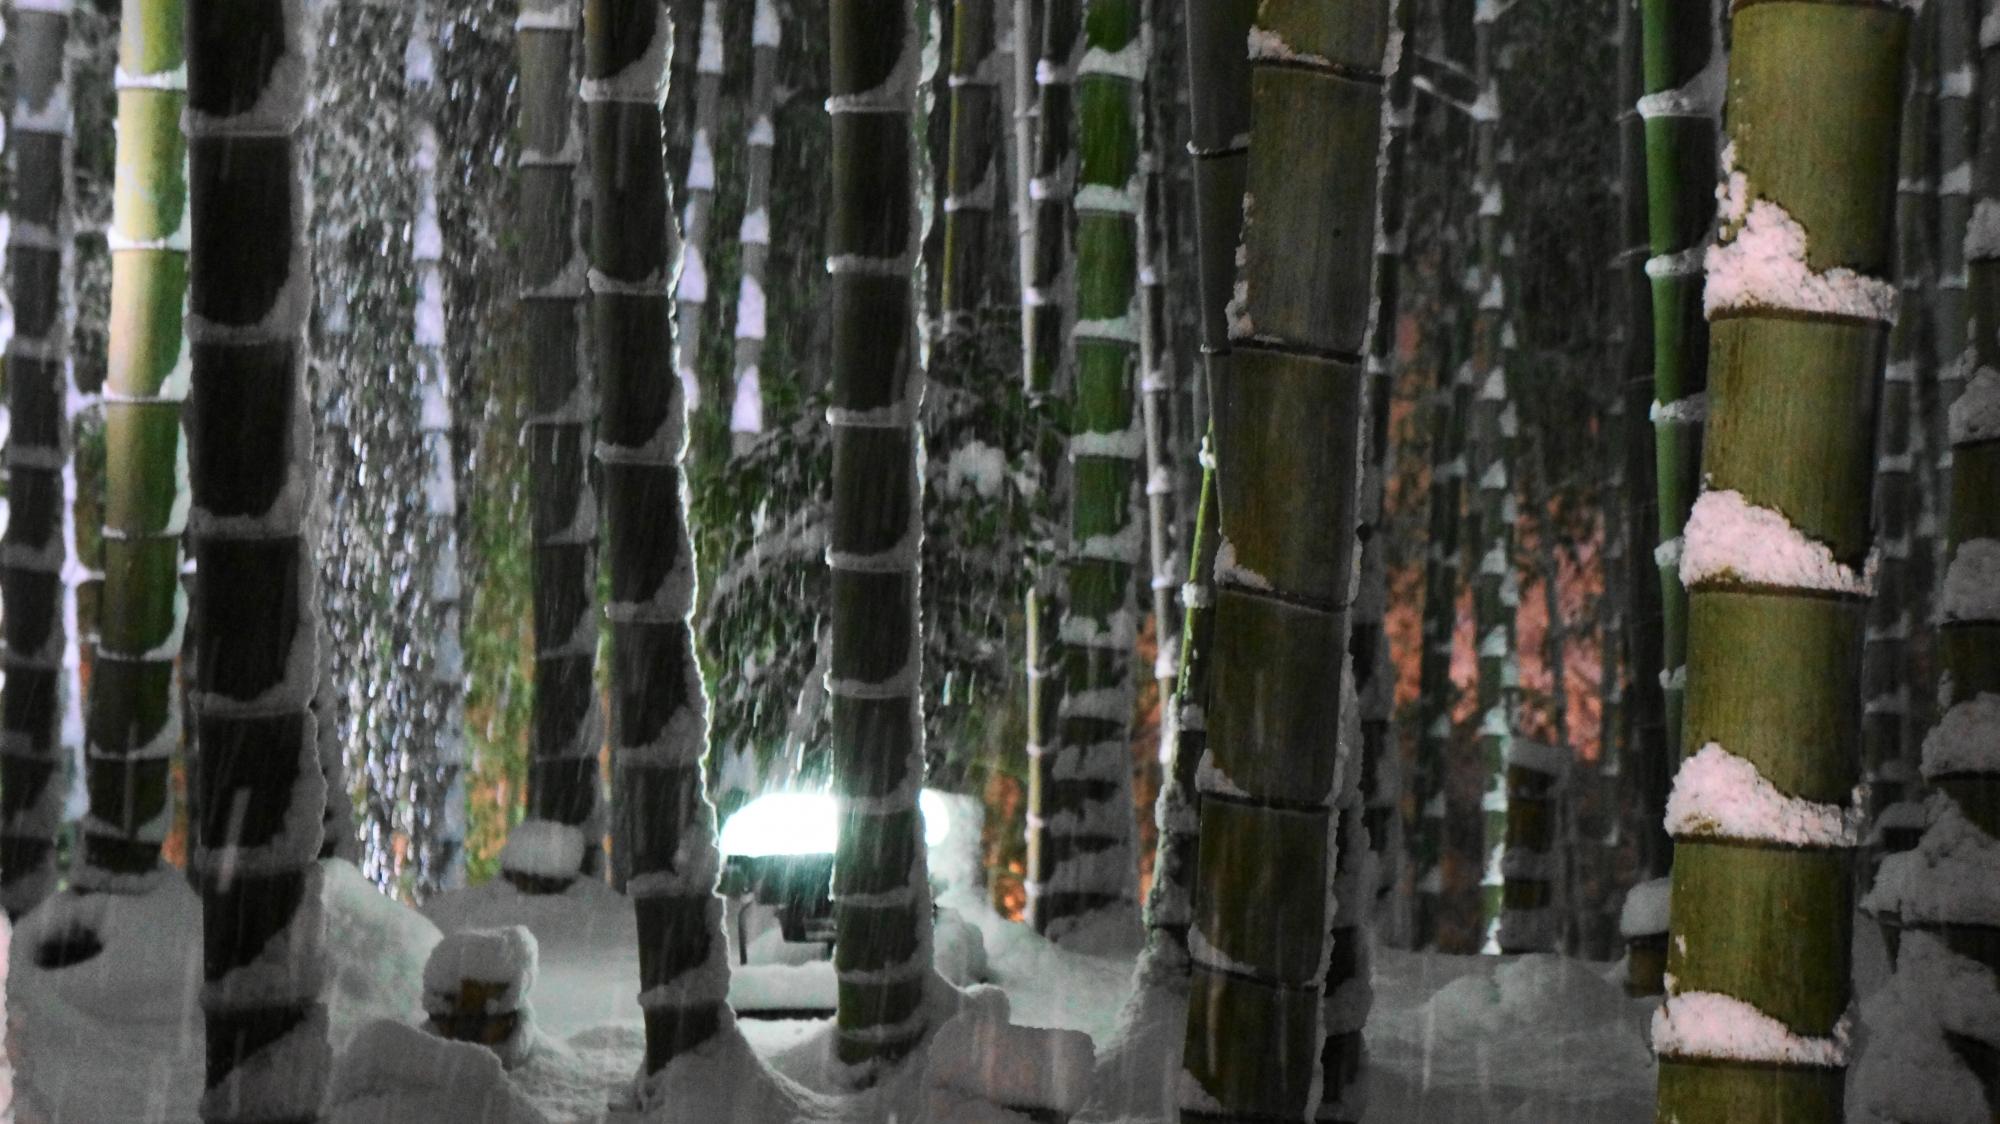 竹の節にも雪が積もる竹林の冬景色